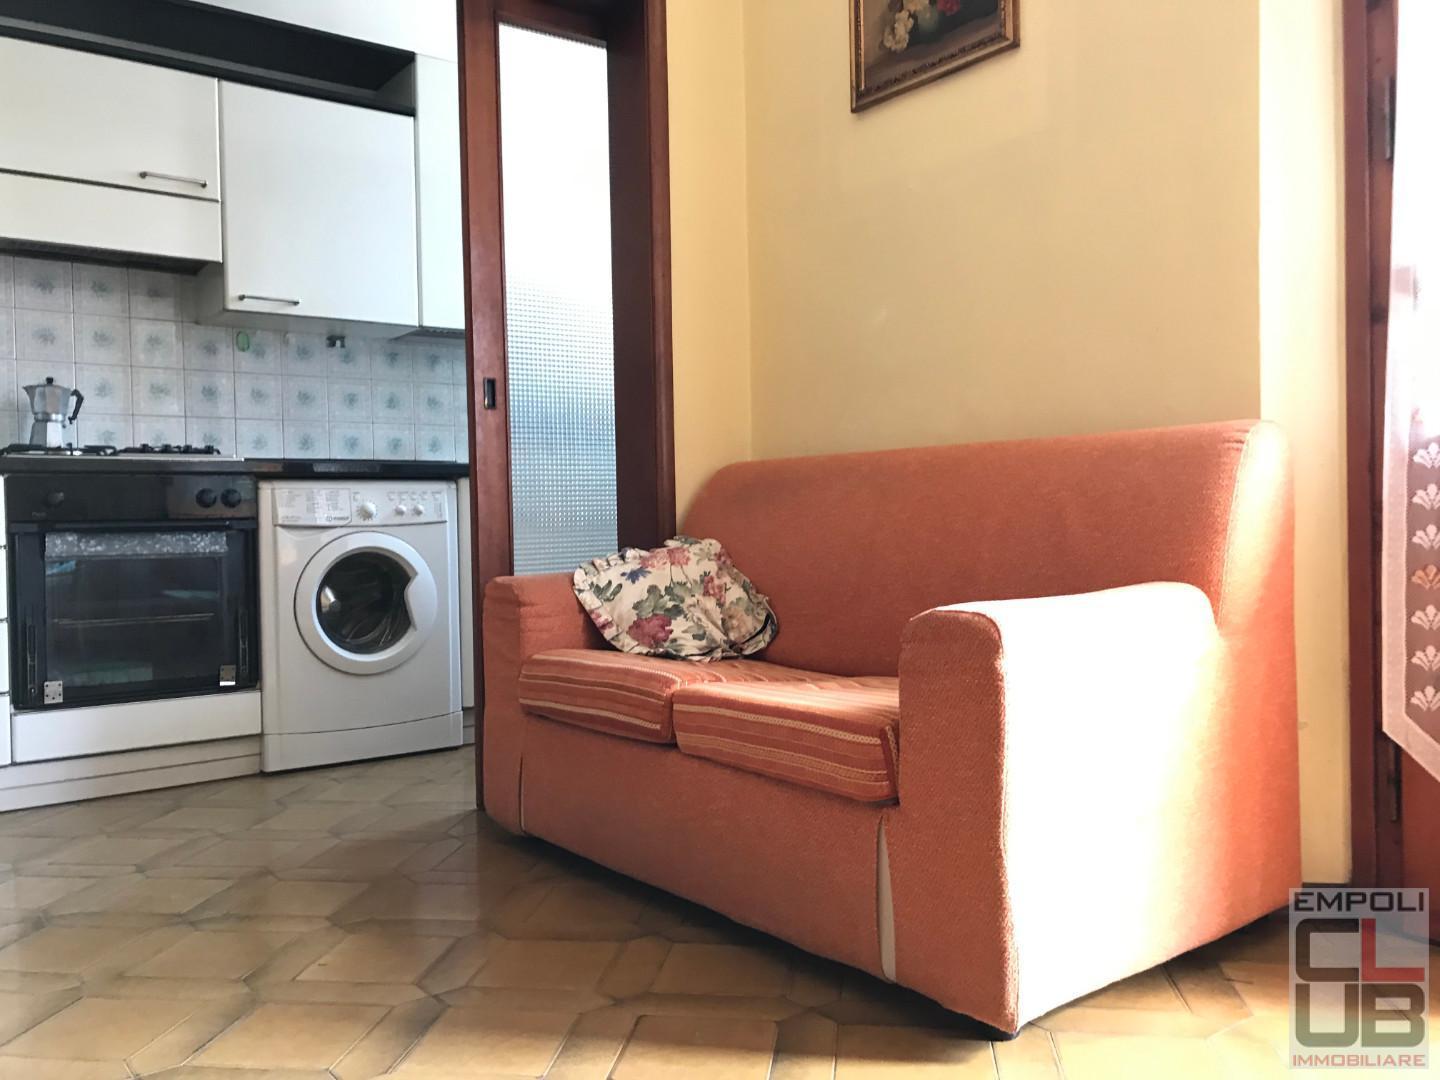 Appartamento in vendita a Vinci (FI)